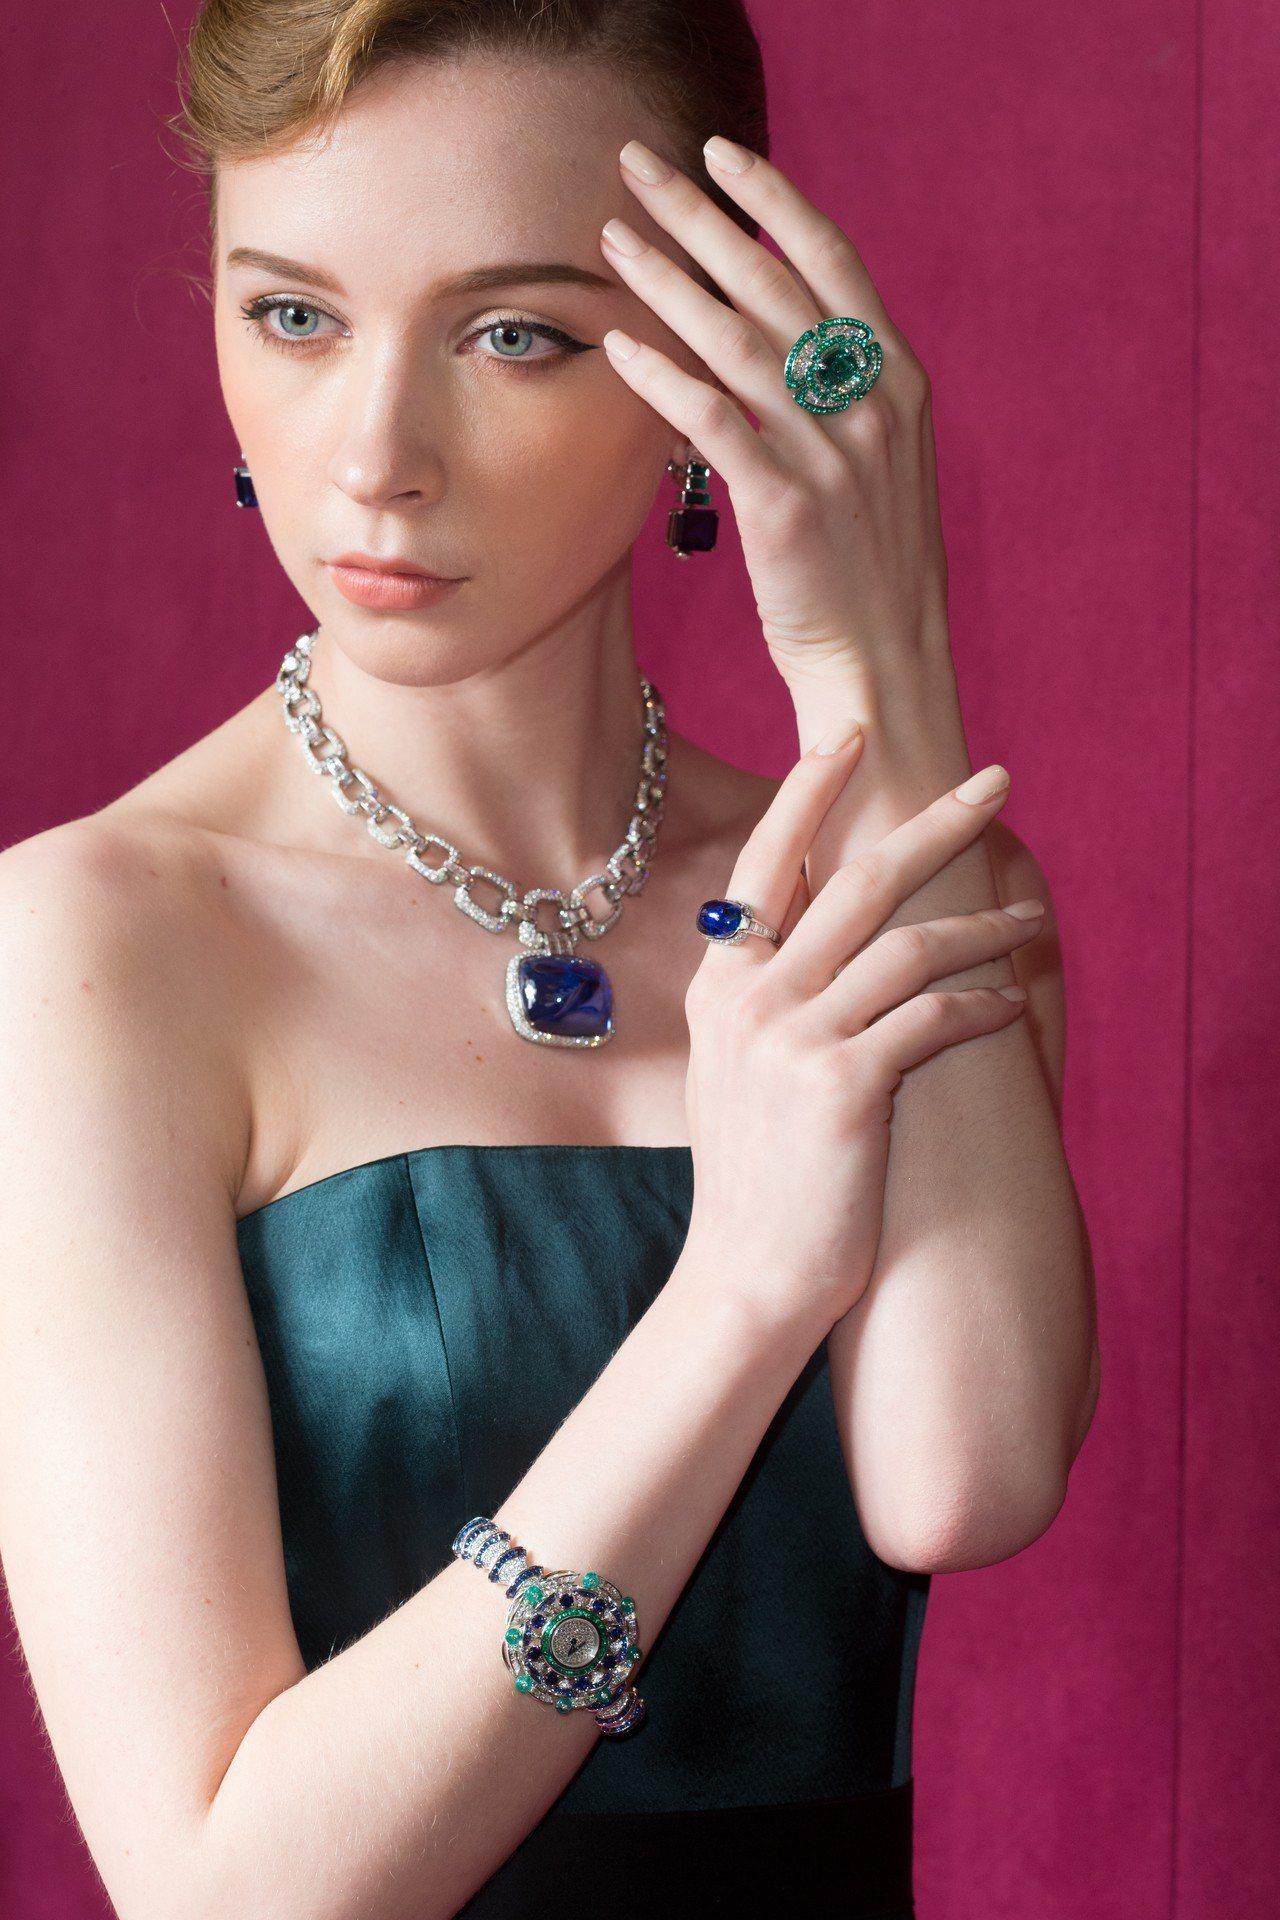 模特兒展示BVLGARI FESTA係列寶格麗頂級珠寶,其中180克拉的藍寶石項...